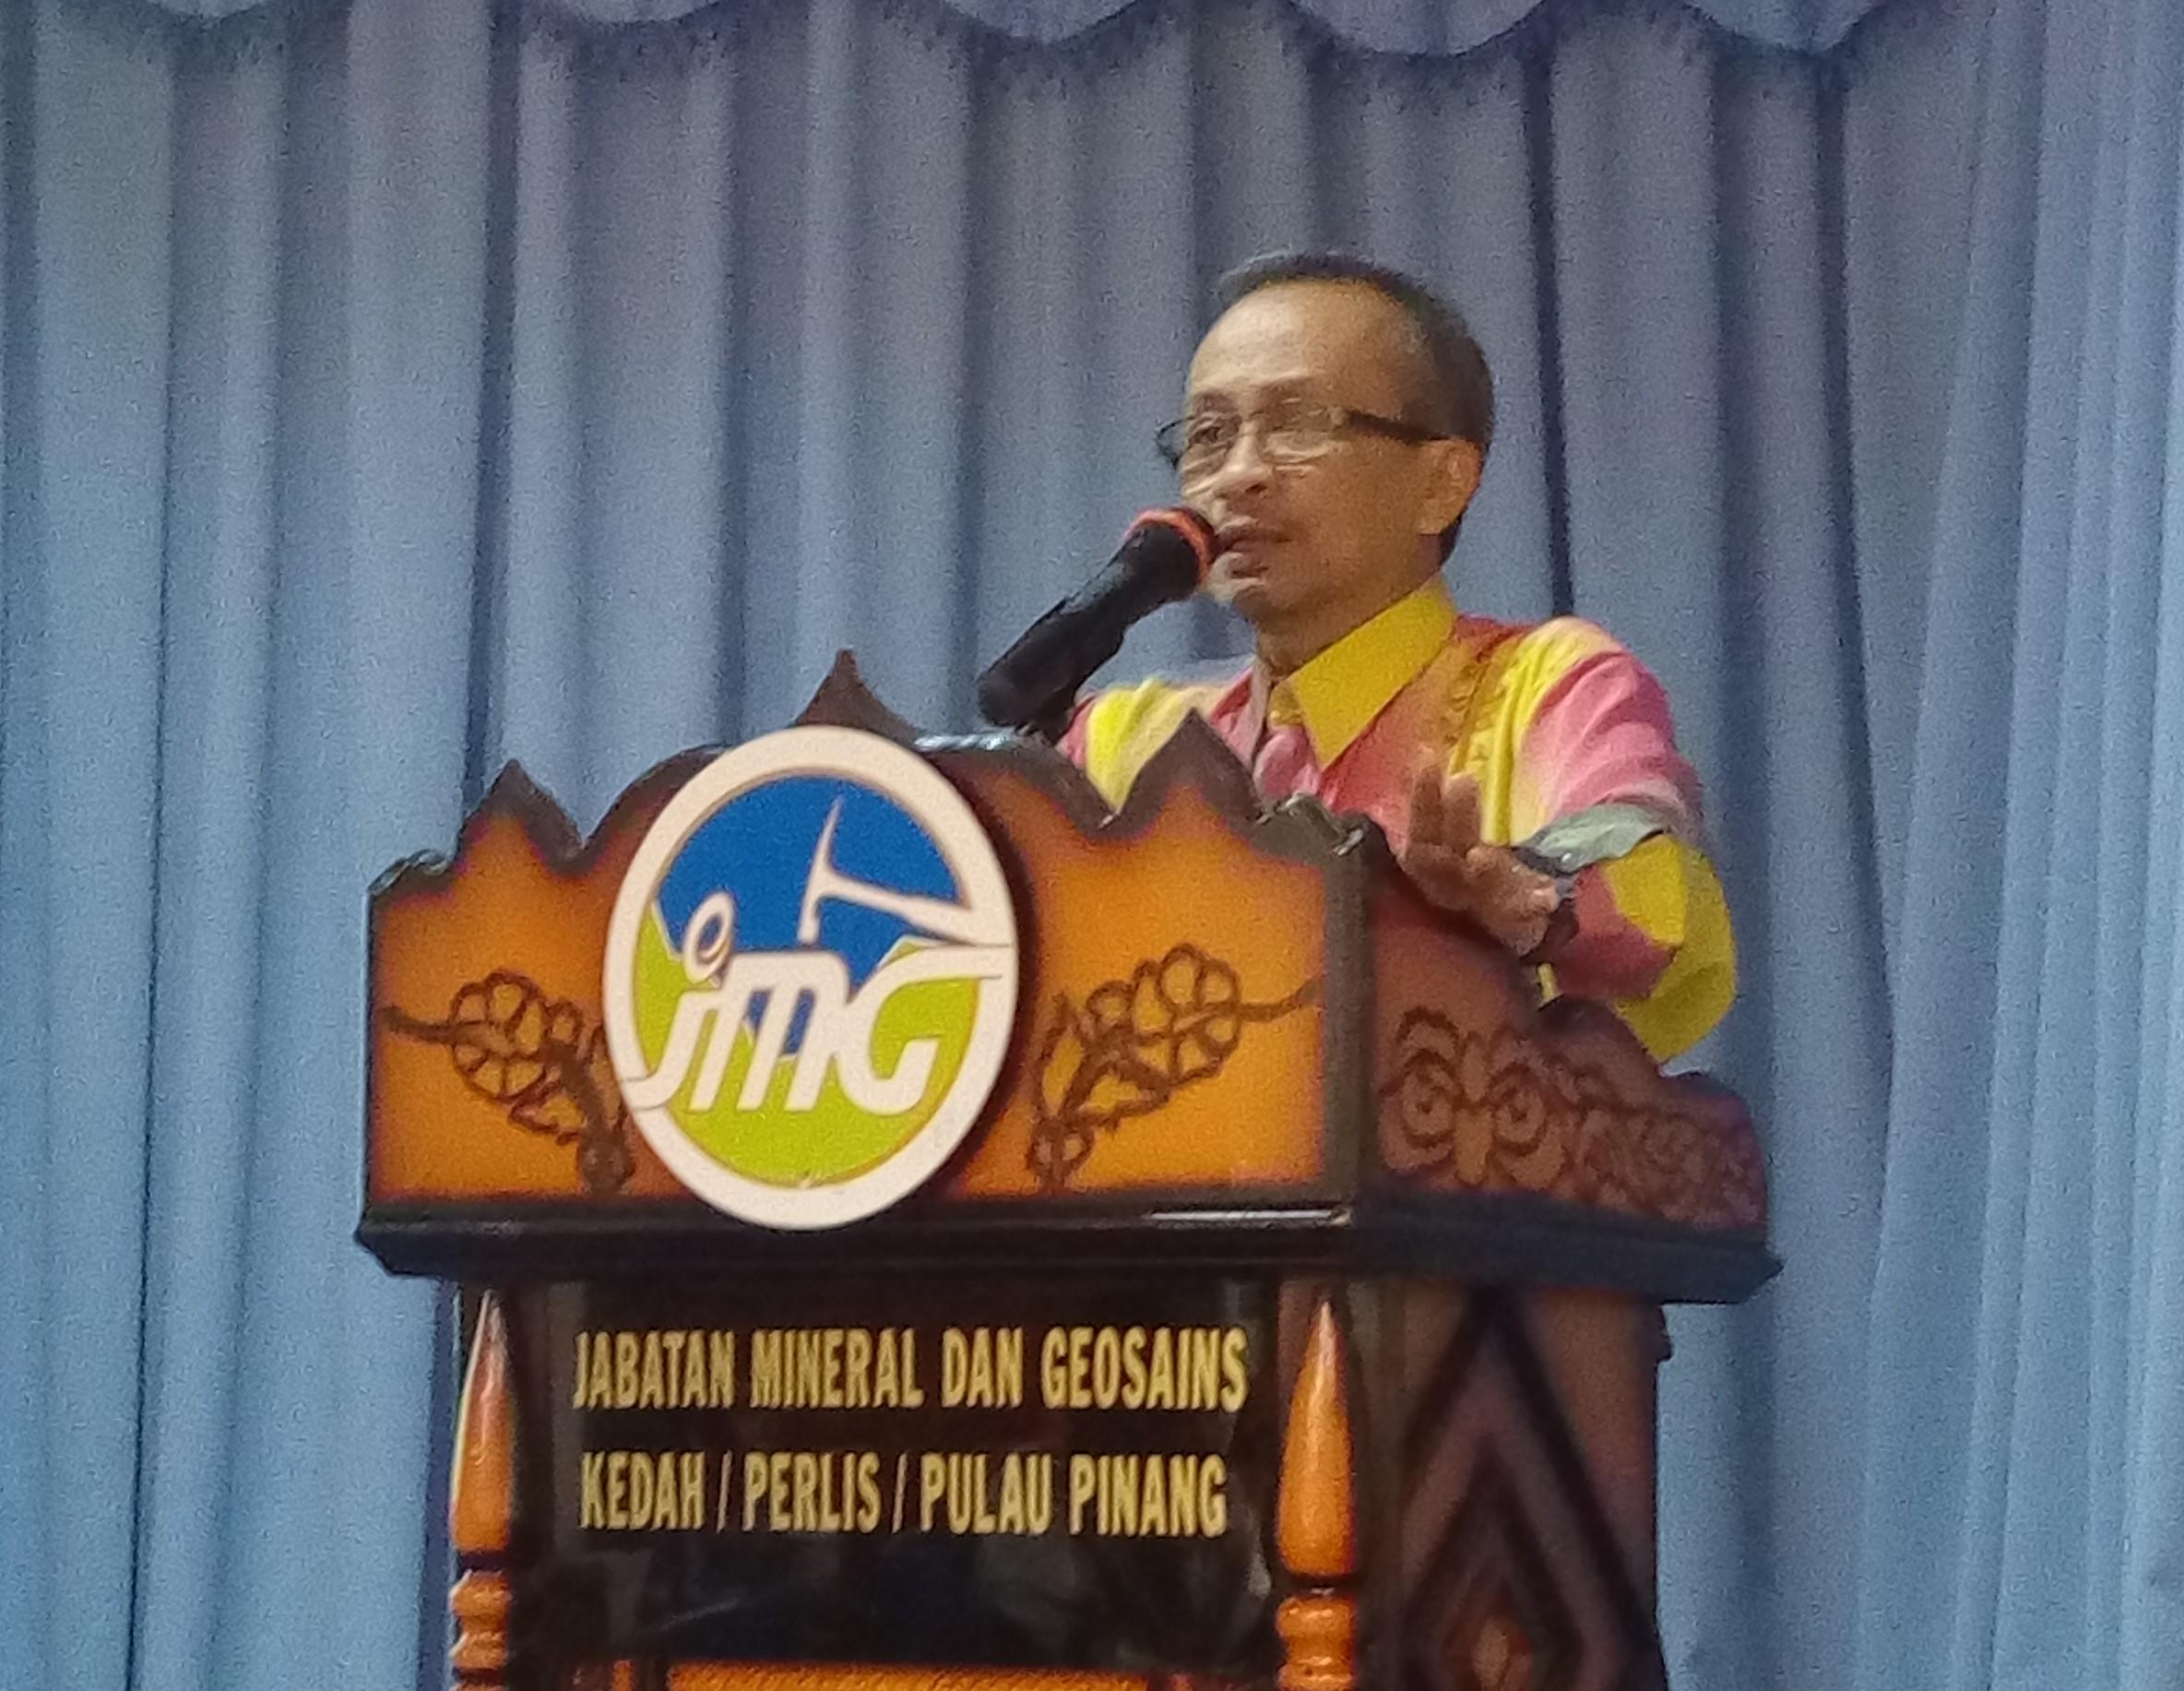 Lawatan Rasmi Tuan Pengarah PPO ke JMG KPP